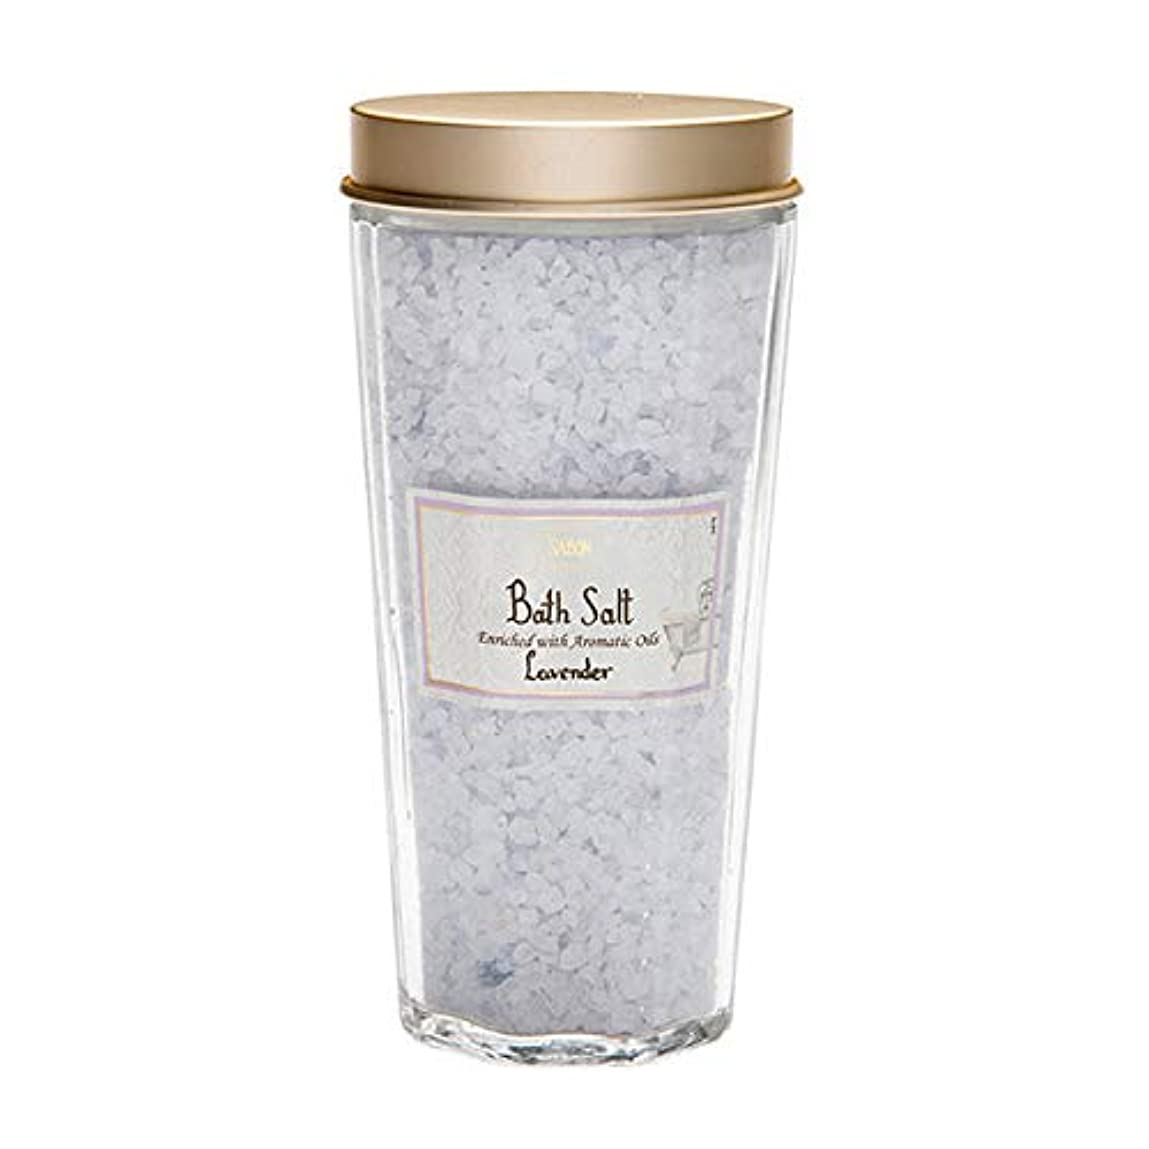 絶望的な可動毒サボン SABON バスソルト ラベンダー (LAVENDER) 350g 入浴剤 お風呂 スキンケア ボディケア バスグッズ コスメ